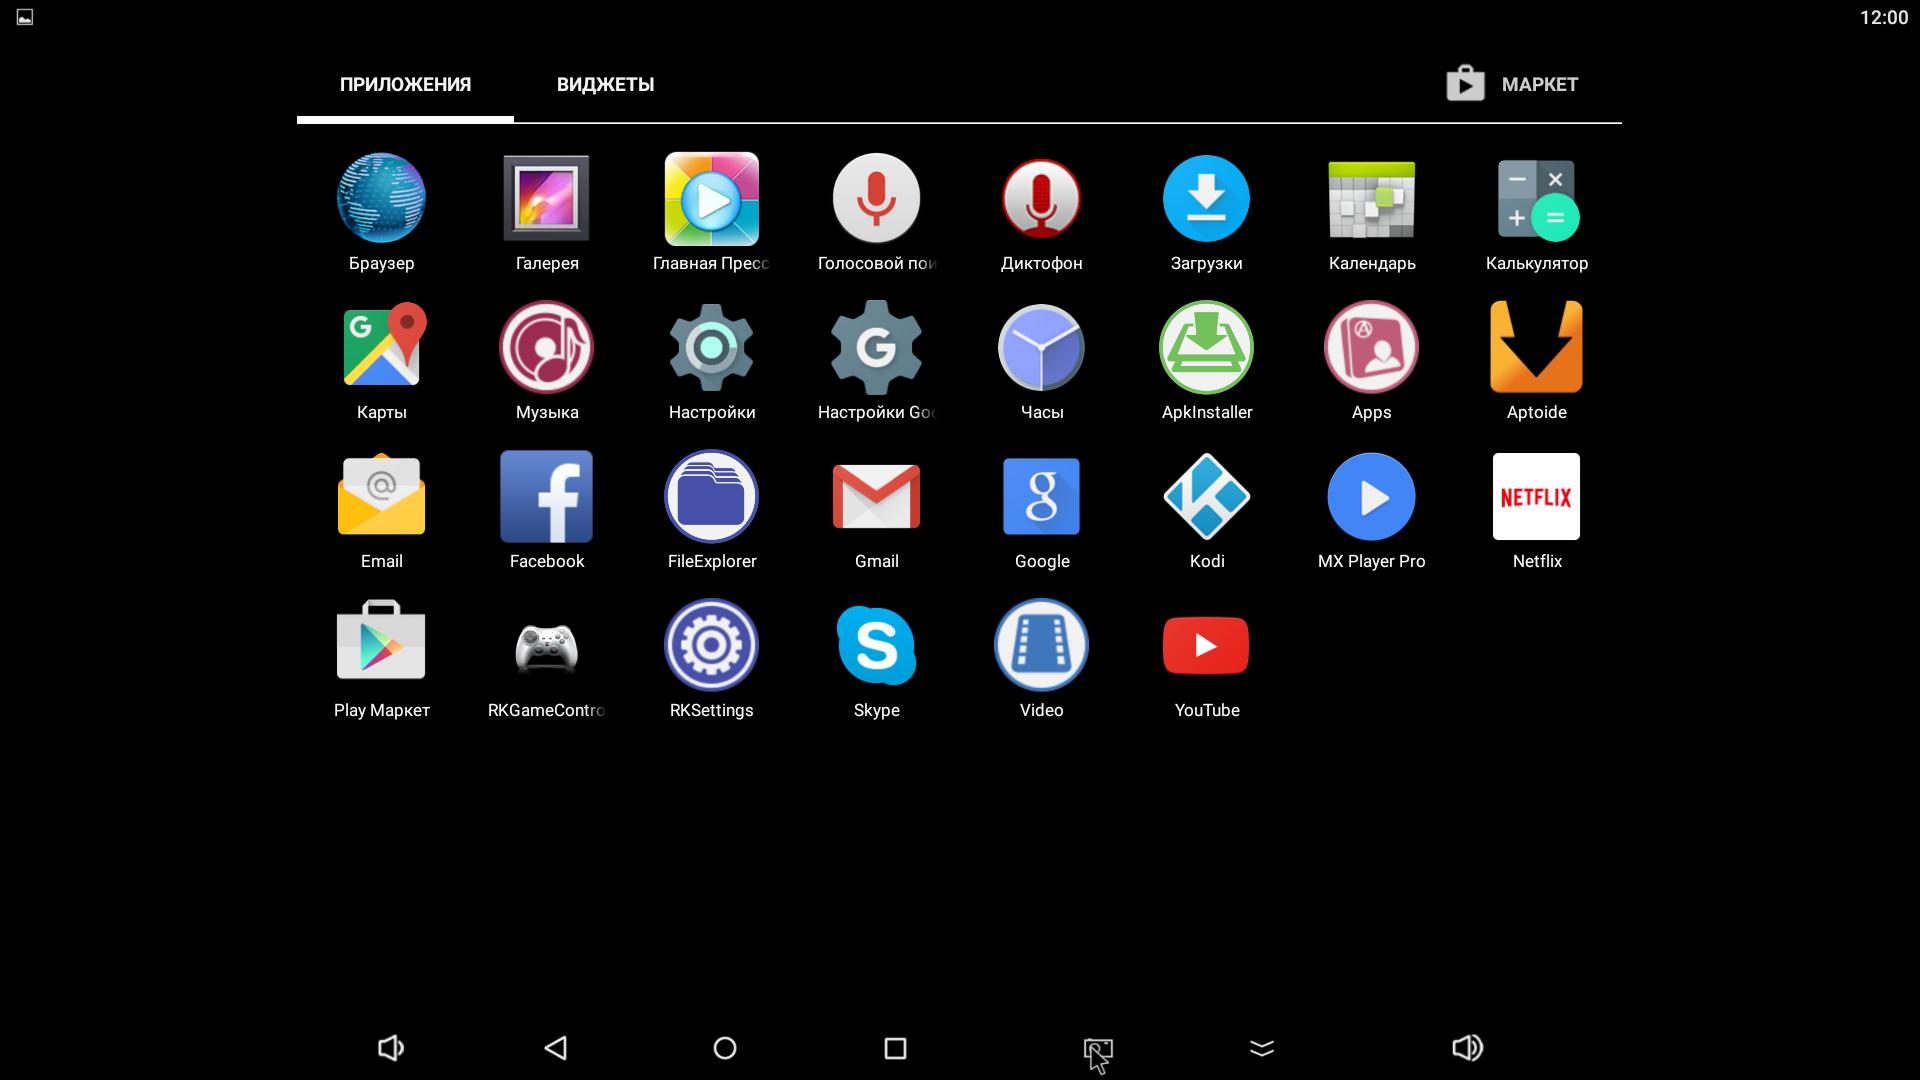 Скриншот_экрана_приставки_Alfacore_на_андроид_5.1.png